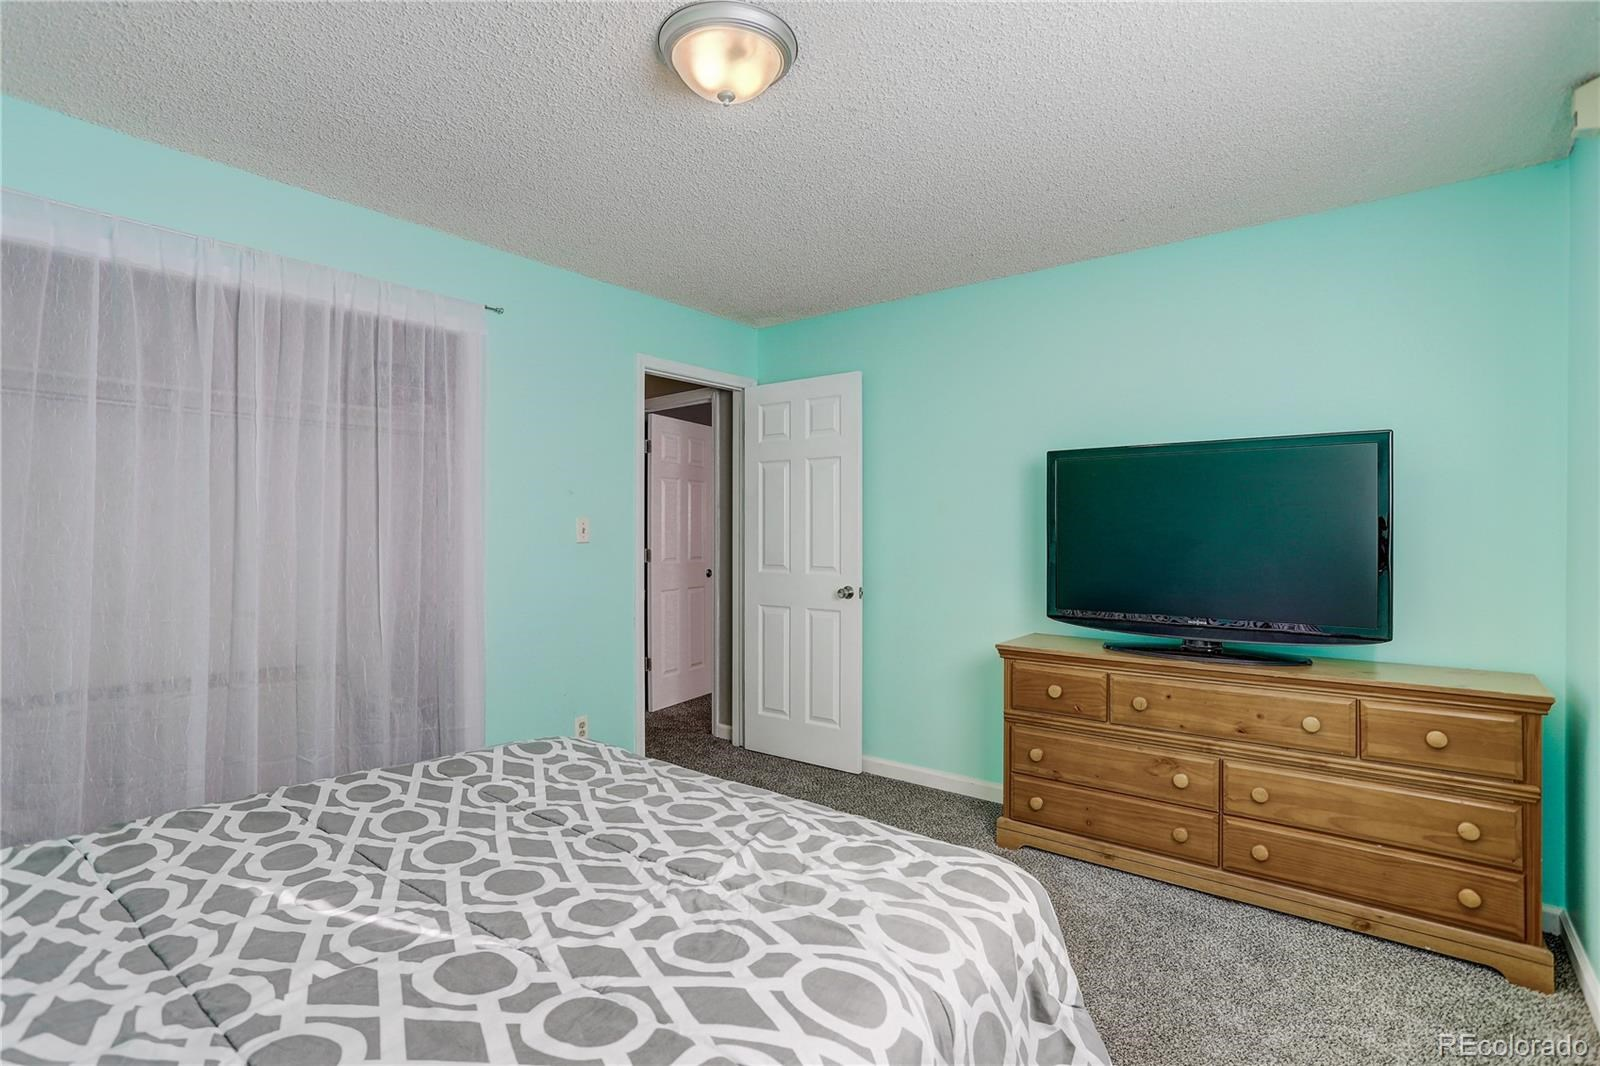 MLS# 9874804 - 1 - 2205  Smith Drive, Longmont, CO 80501